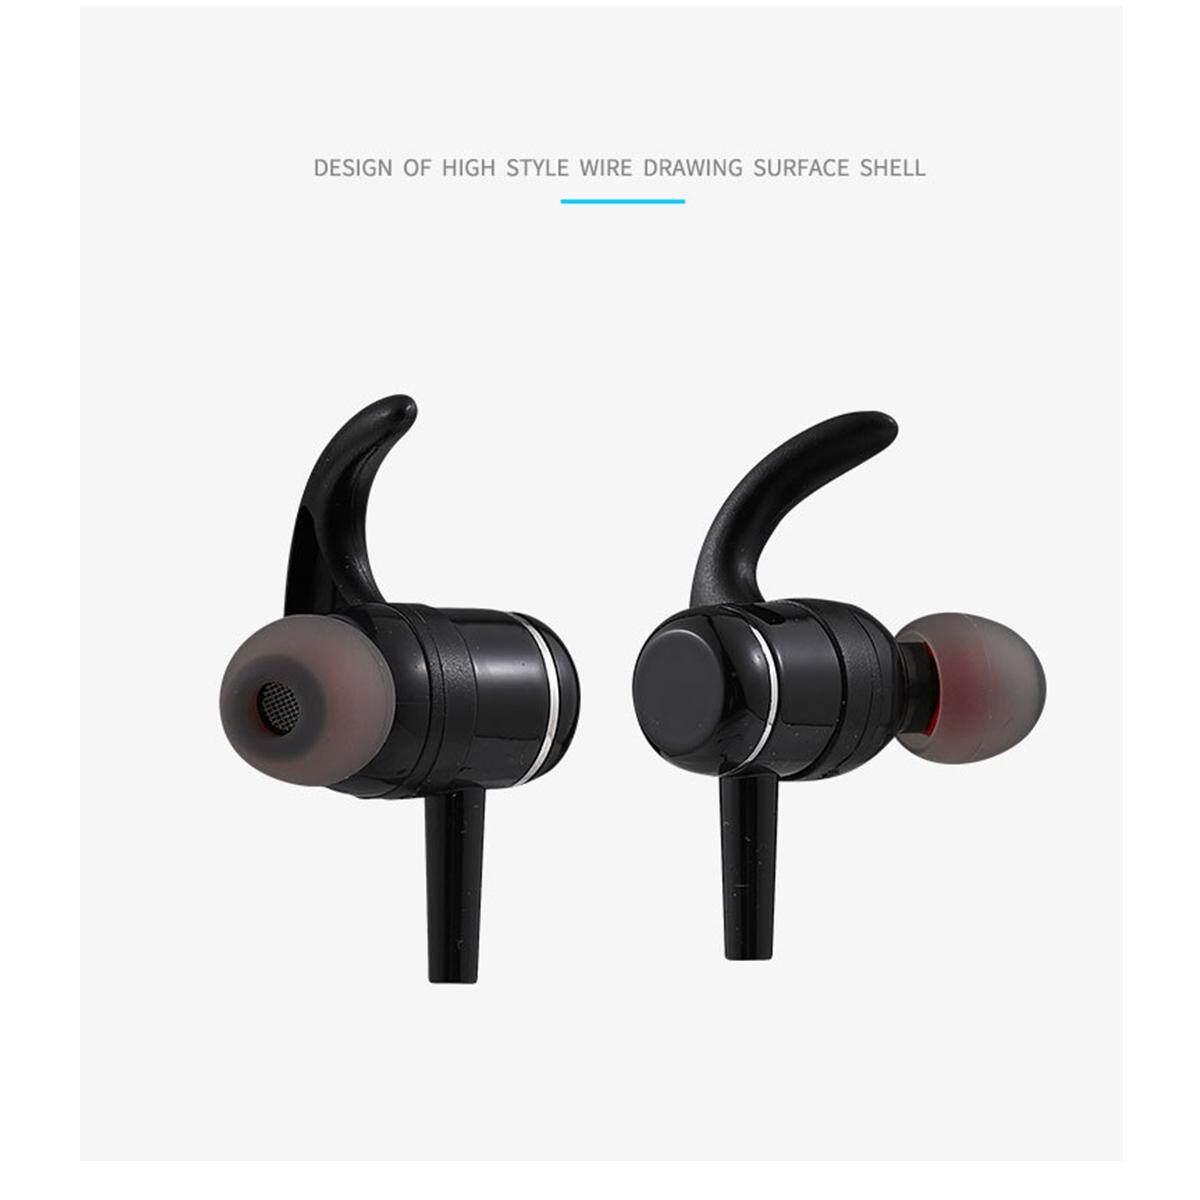 ข้อมูล  DIDIC sound หูฟังออกกำลังกายแนวสปอร์ต ล๊อคหูแน่น ไม่เจ็บหู ระบบแม่เหล็ก รุ่น XH300 ดีไหม